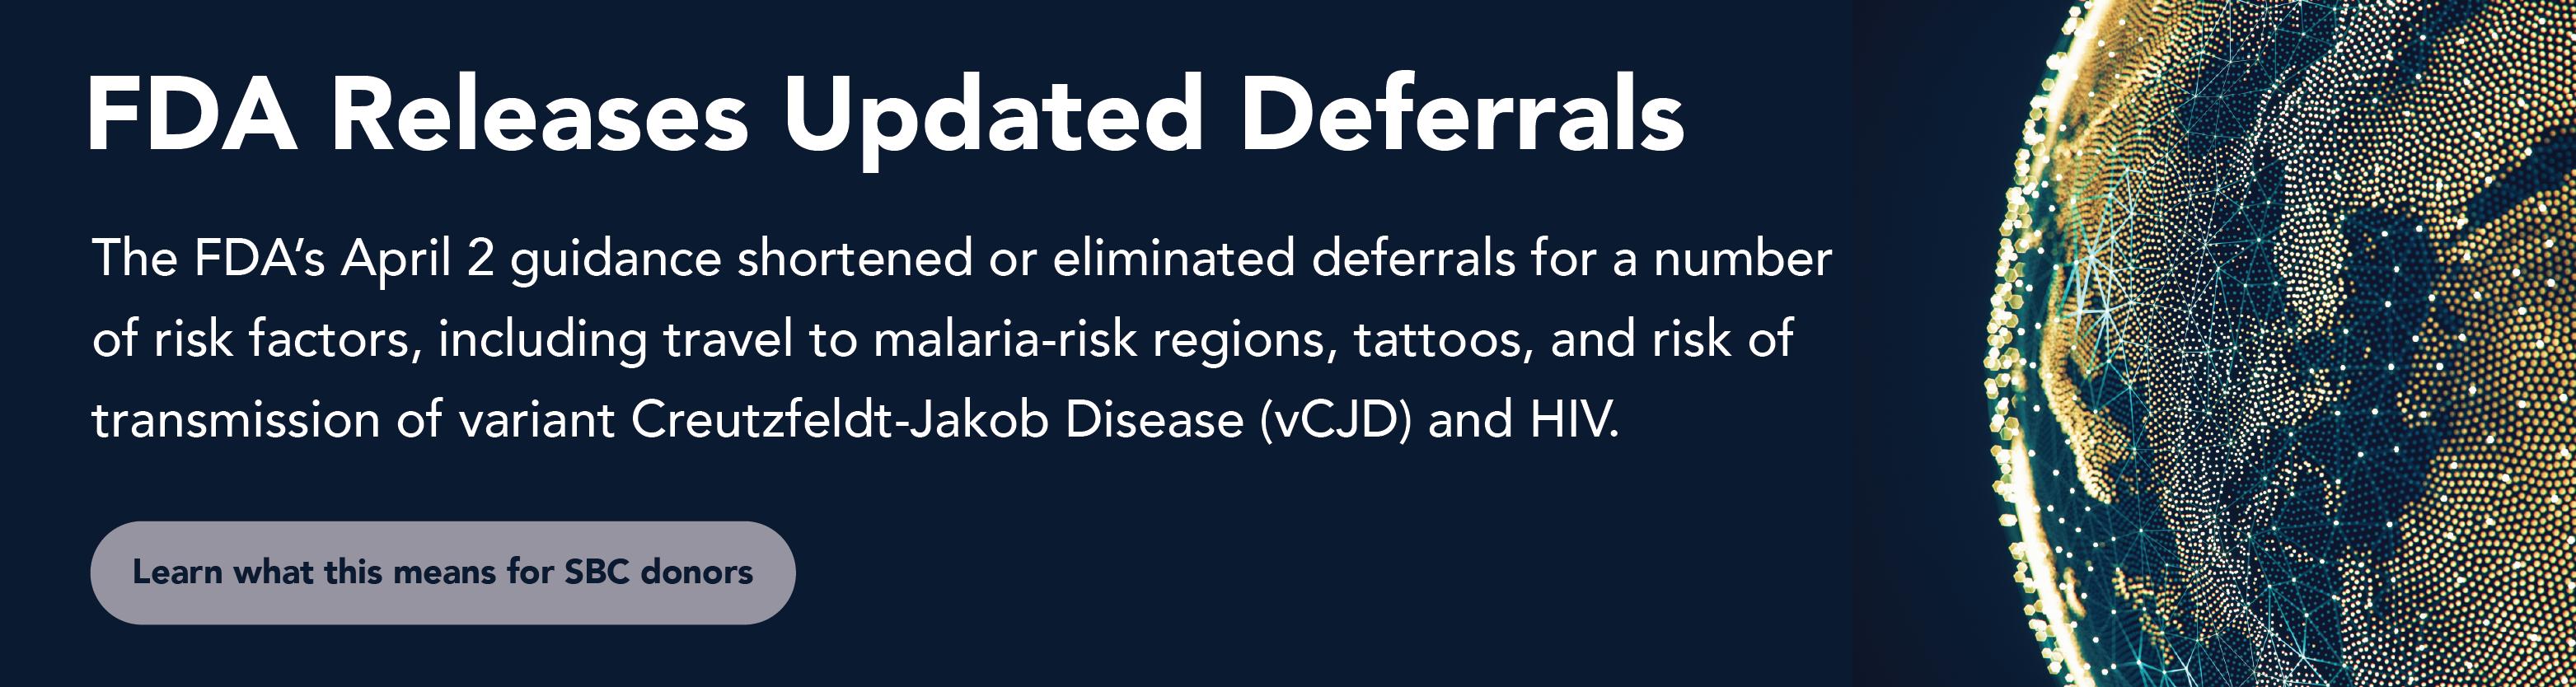 FDA Deferral Updates